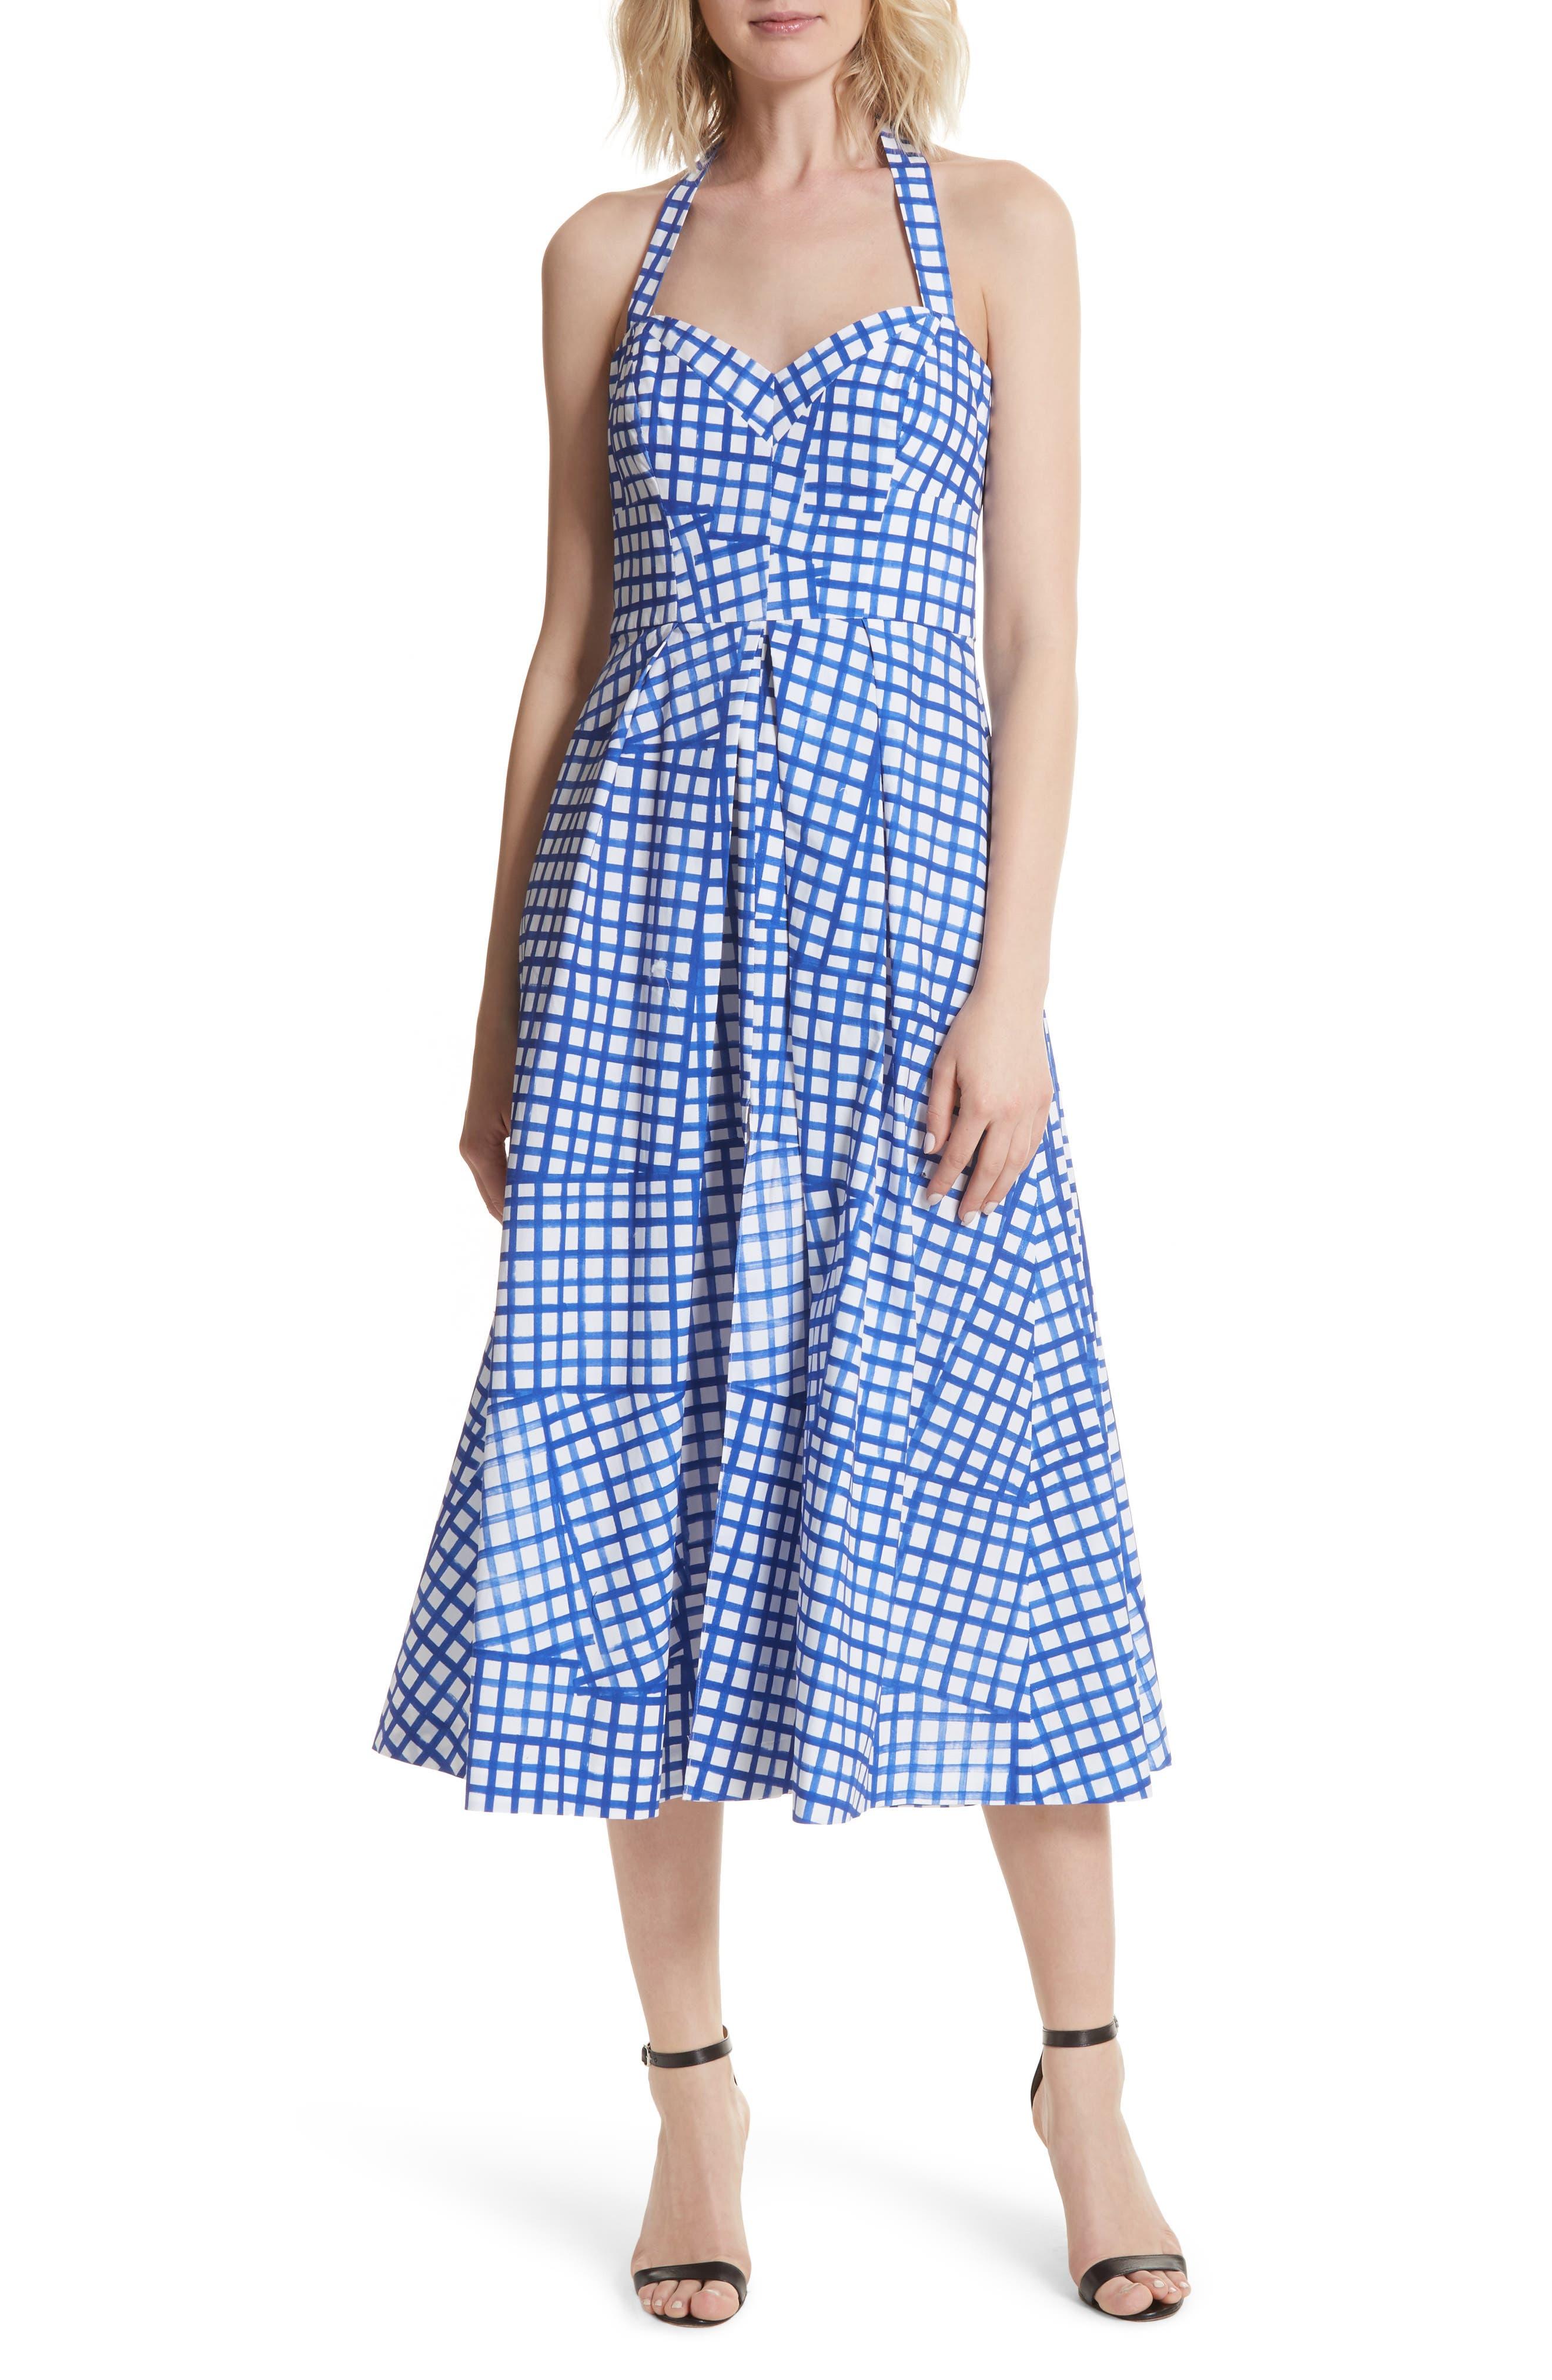 Paige Stretch Cotton Halter Dress,                             Main thumbnail 1, color,                             Blueberry